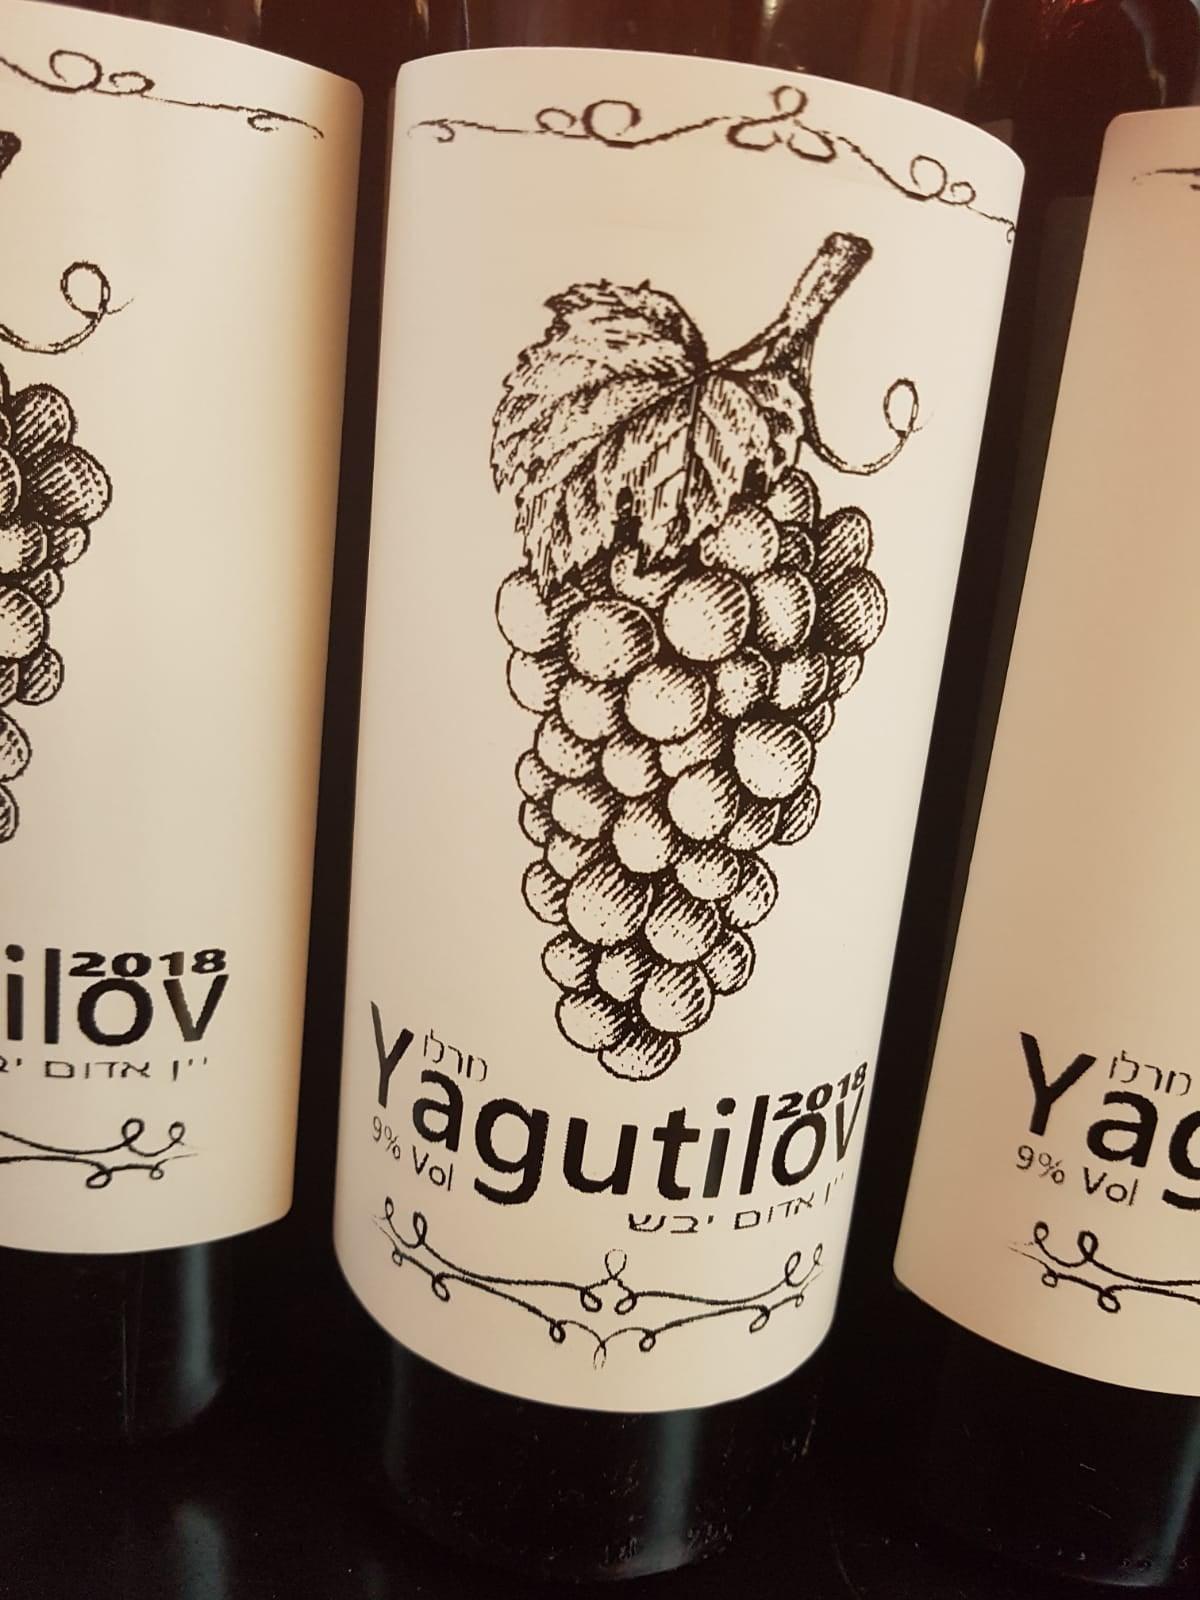 יין יגוטילוב 2018